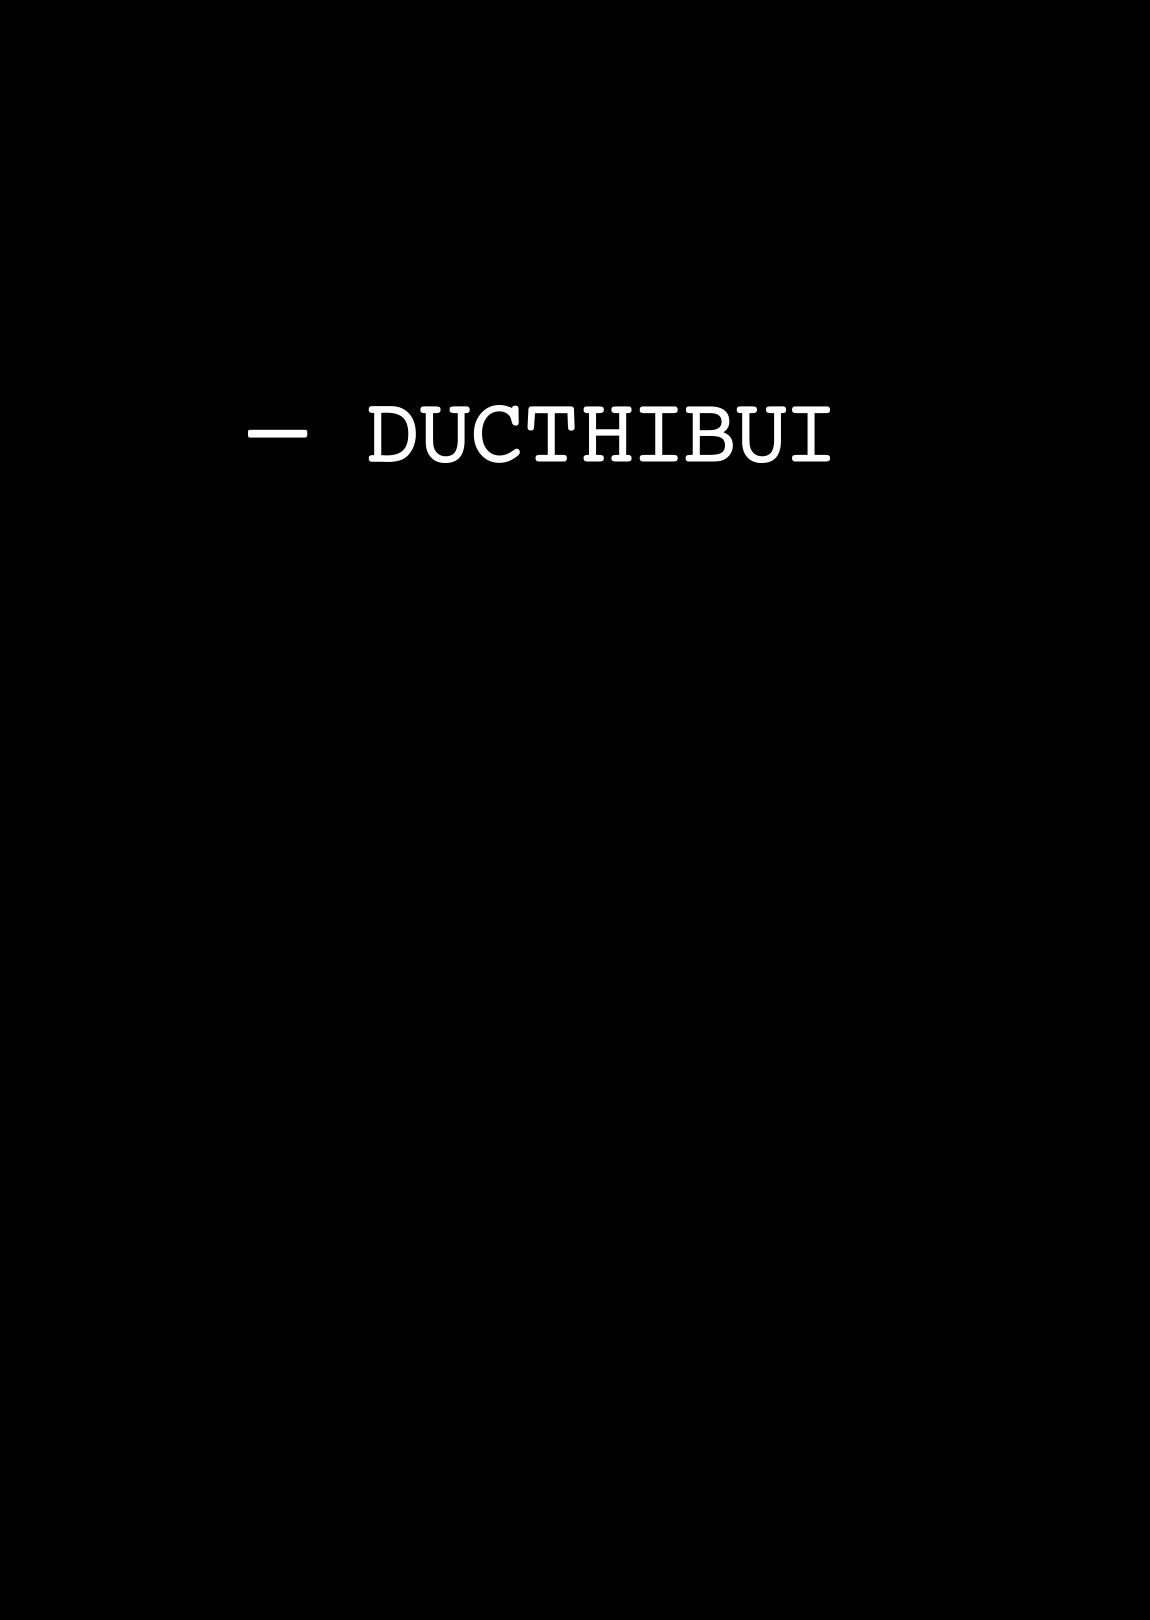 Duc-Thi Bui